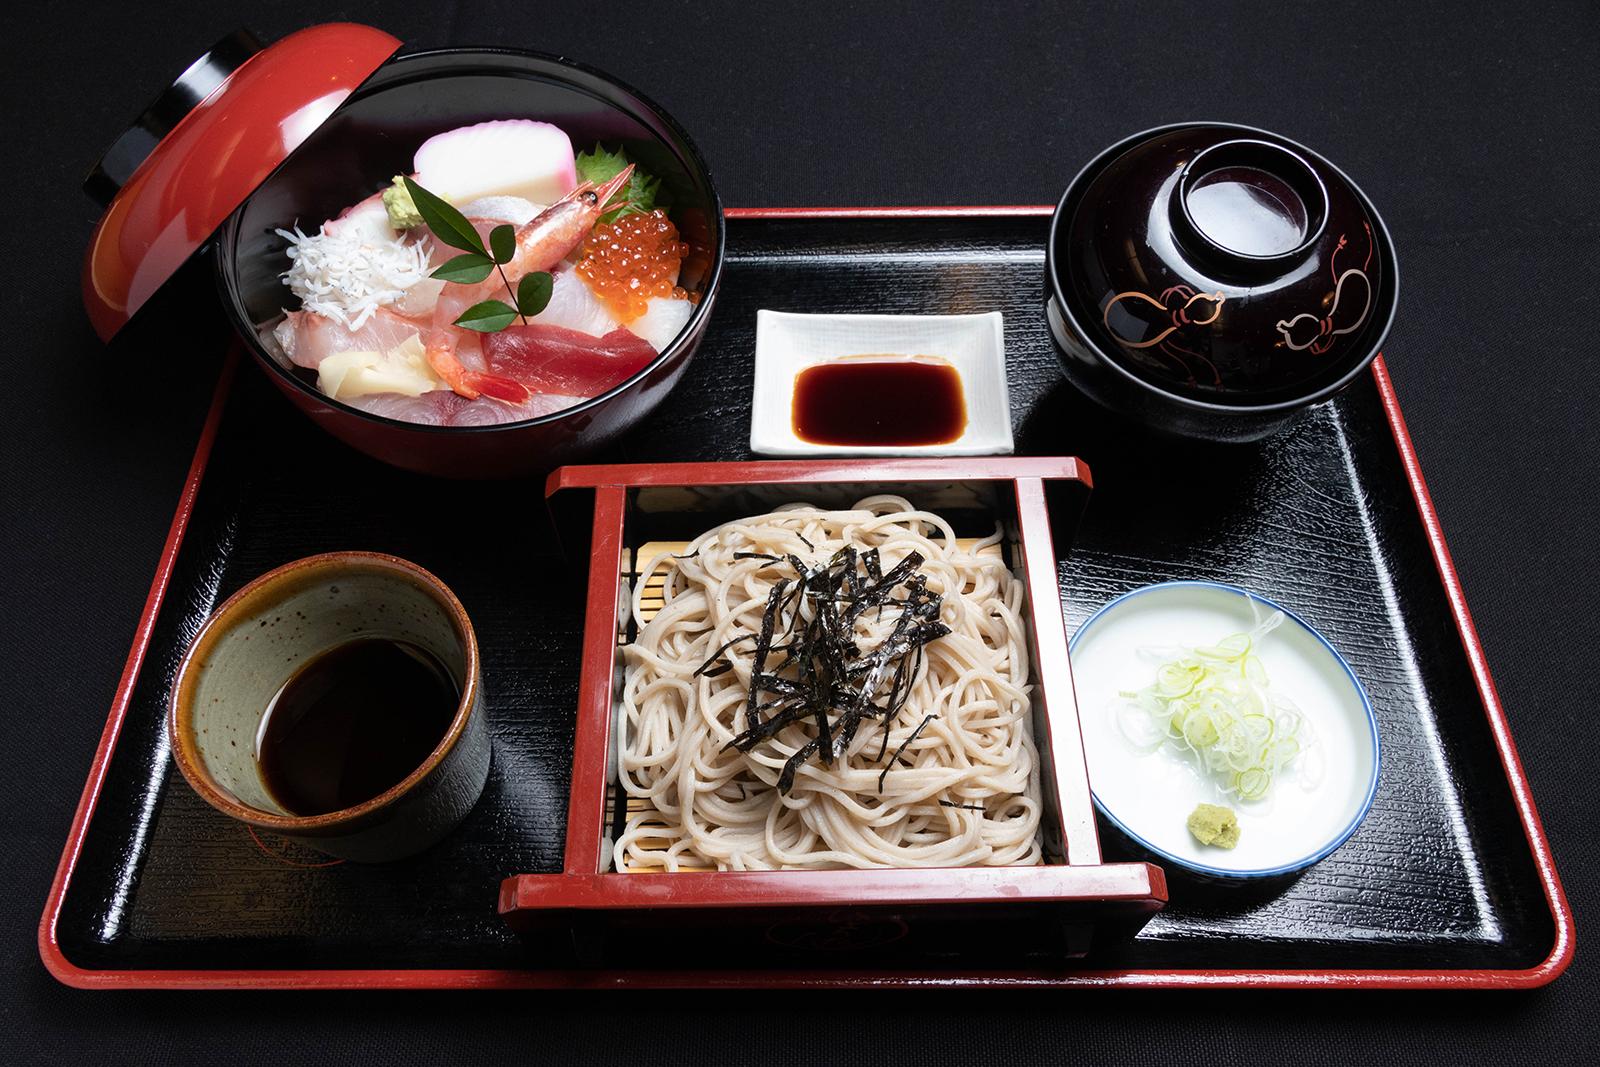 海鮮重 小ざるそばセット¥2,000【税込】